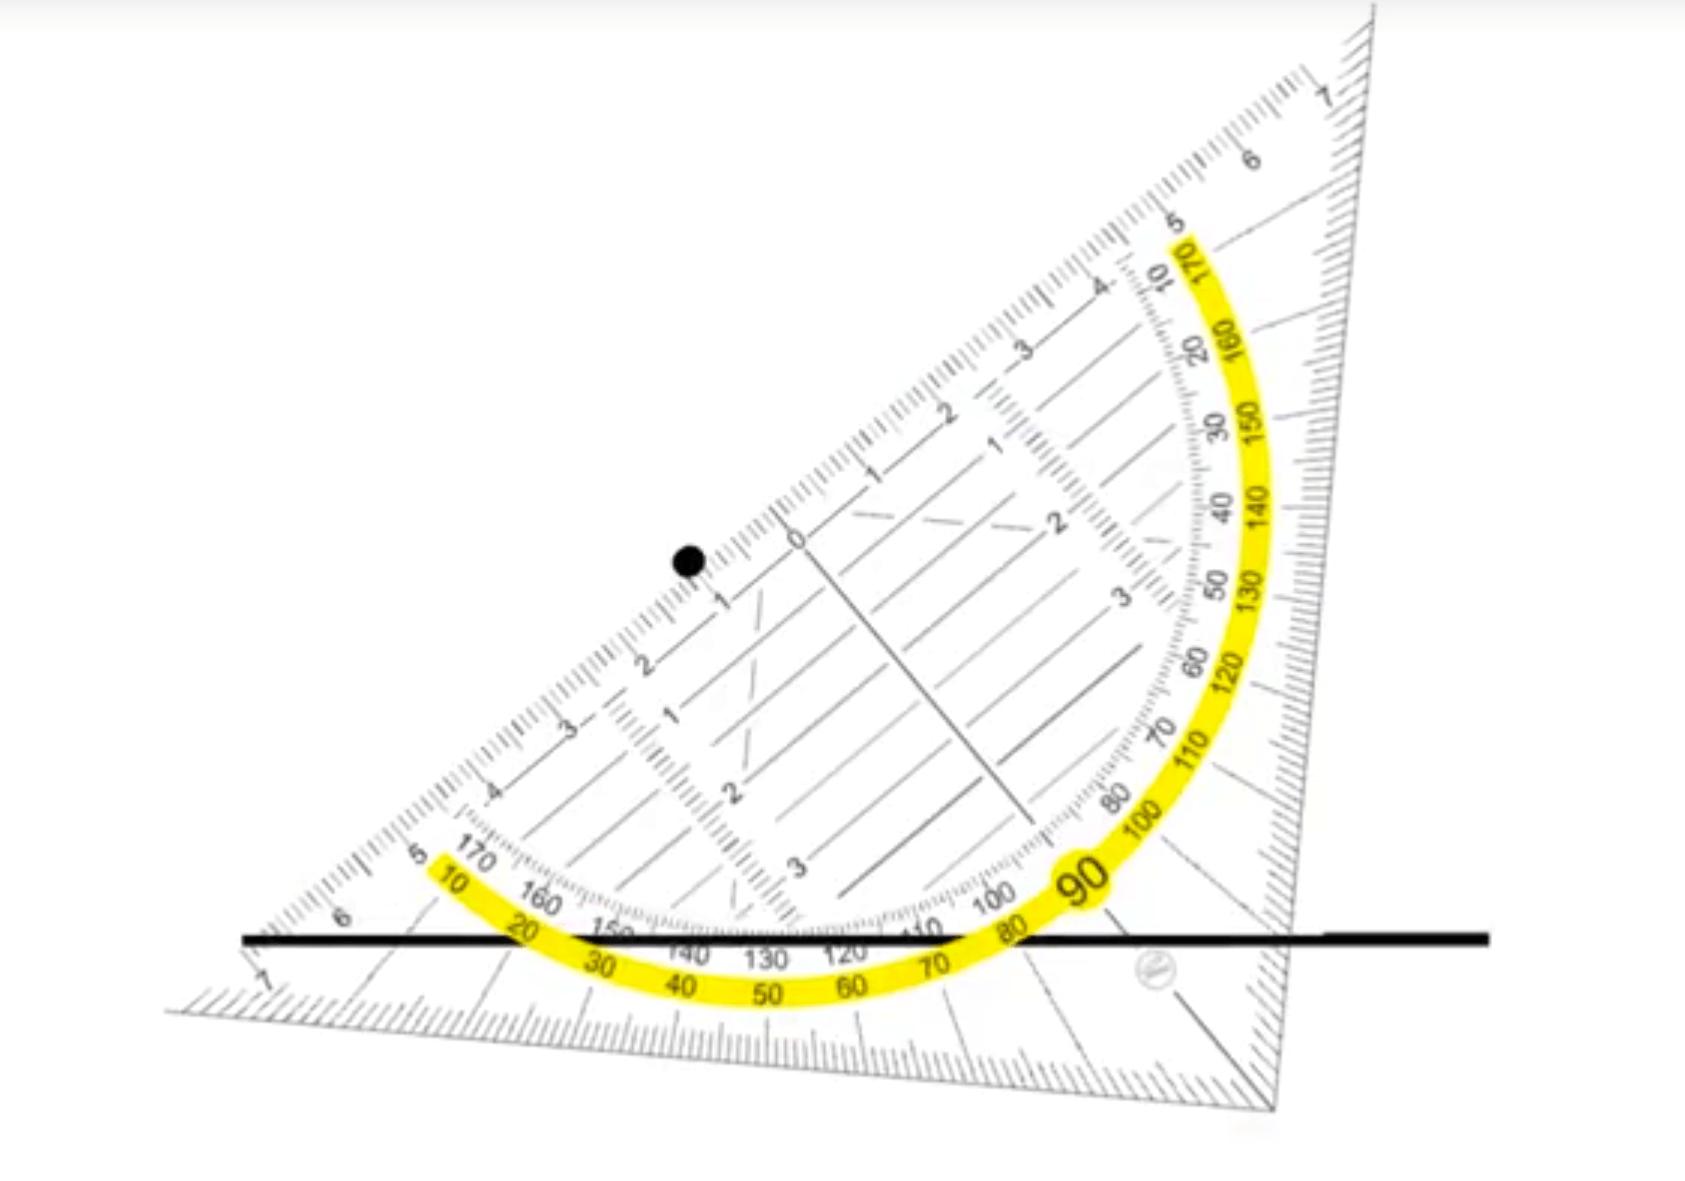 Winkel zeichnen | Arbeitsblatt Winkel zeichnen, Tipps von Mathefritz